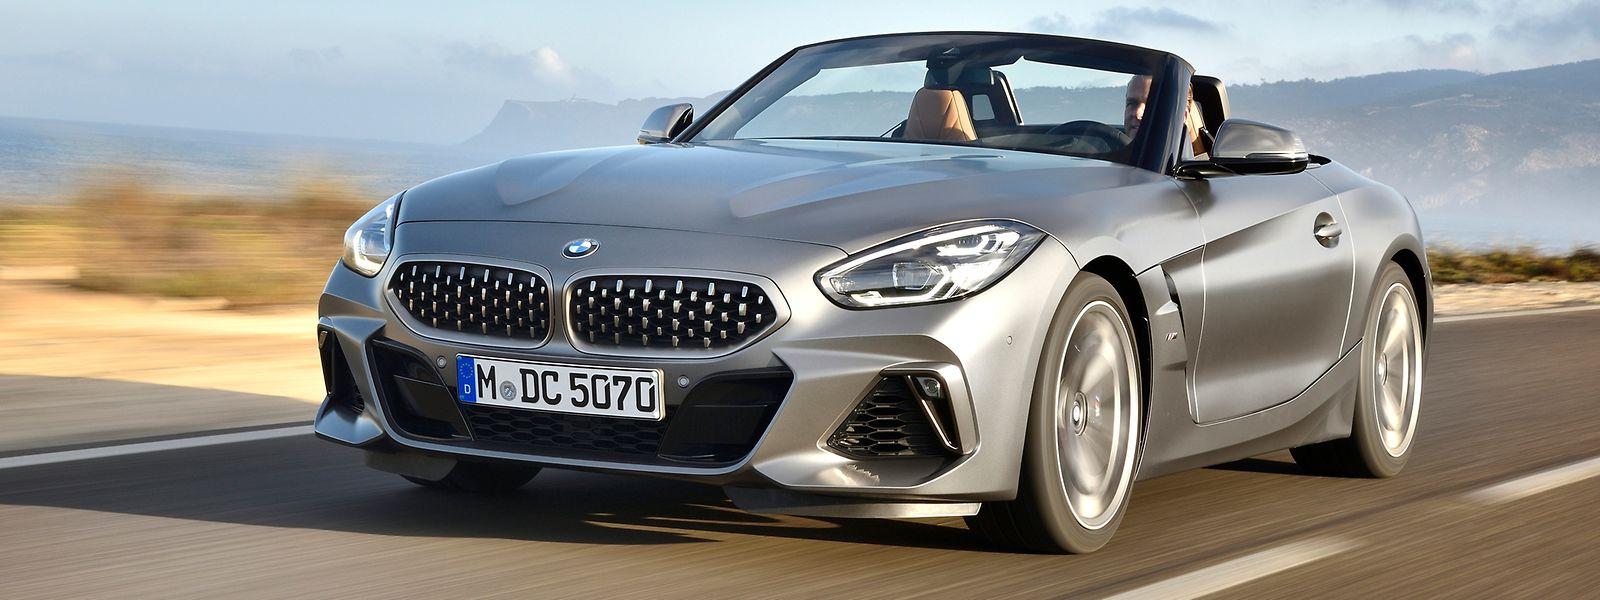 Der neue BMW Z4 wirkt sowohl mit offenem als auch mit geschlossenem Verdeck flach, sportlich und kompakt.